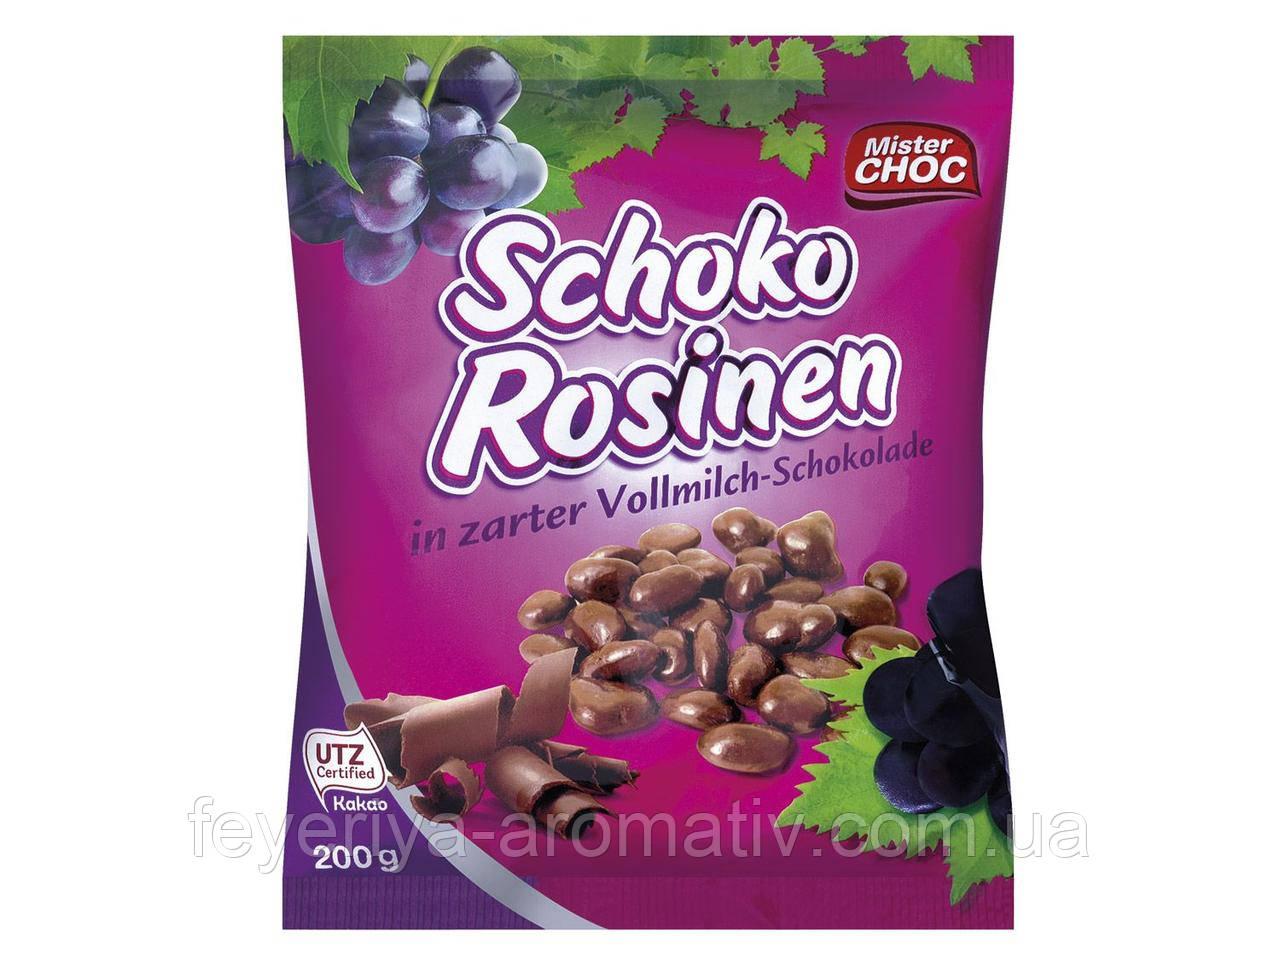 Изюм в шоколаде Mister CHOC Schoko Rosinen, 200гр (Германия)